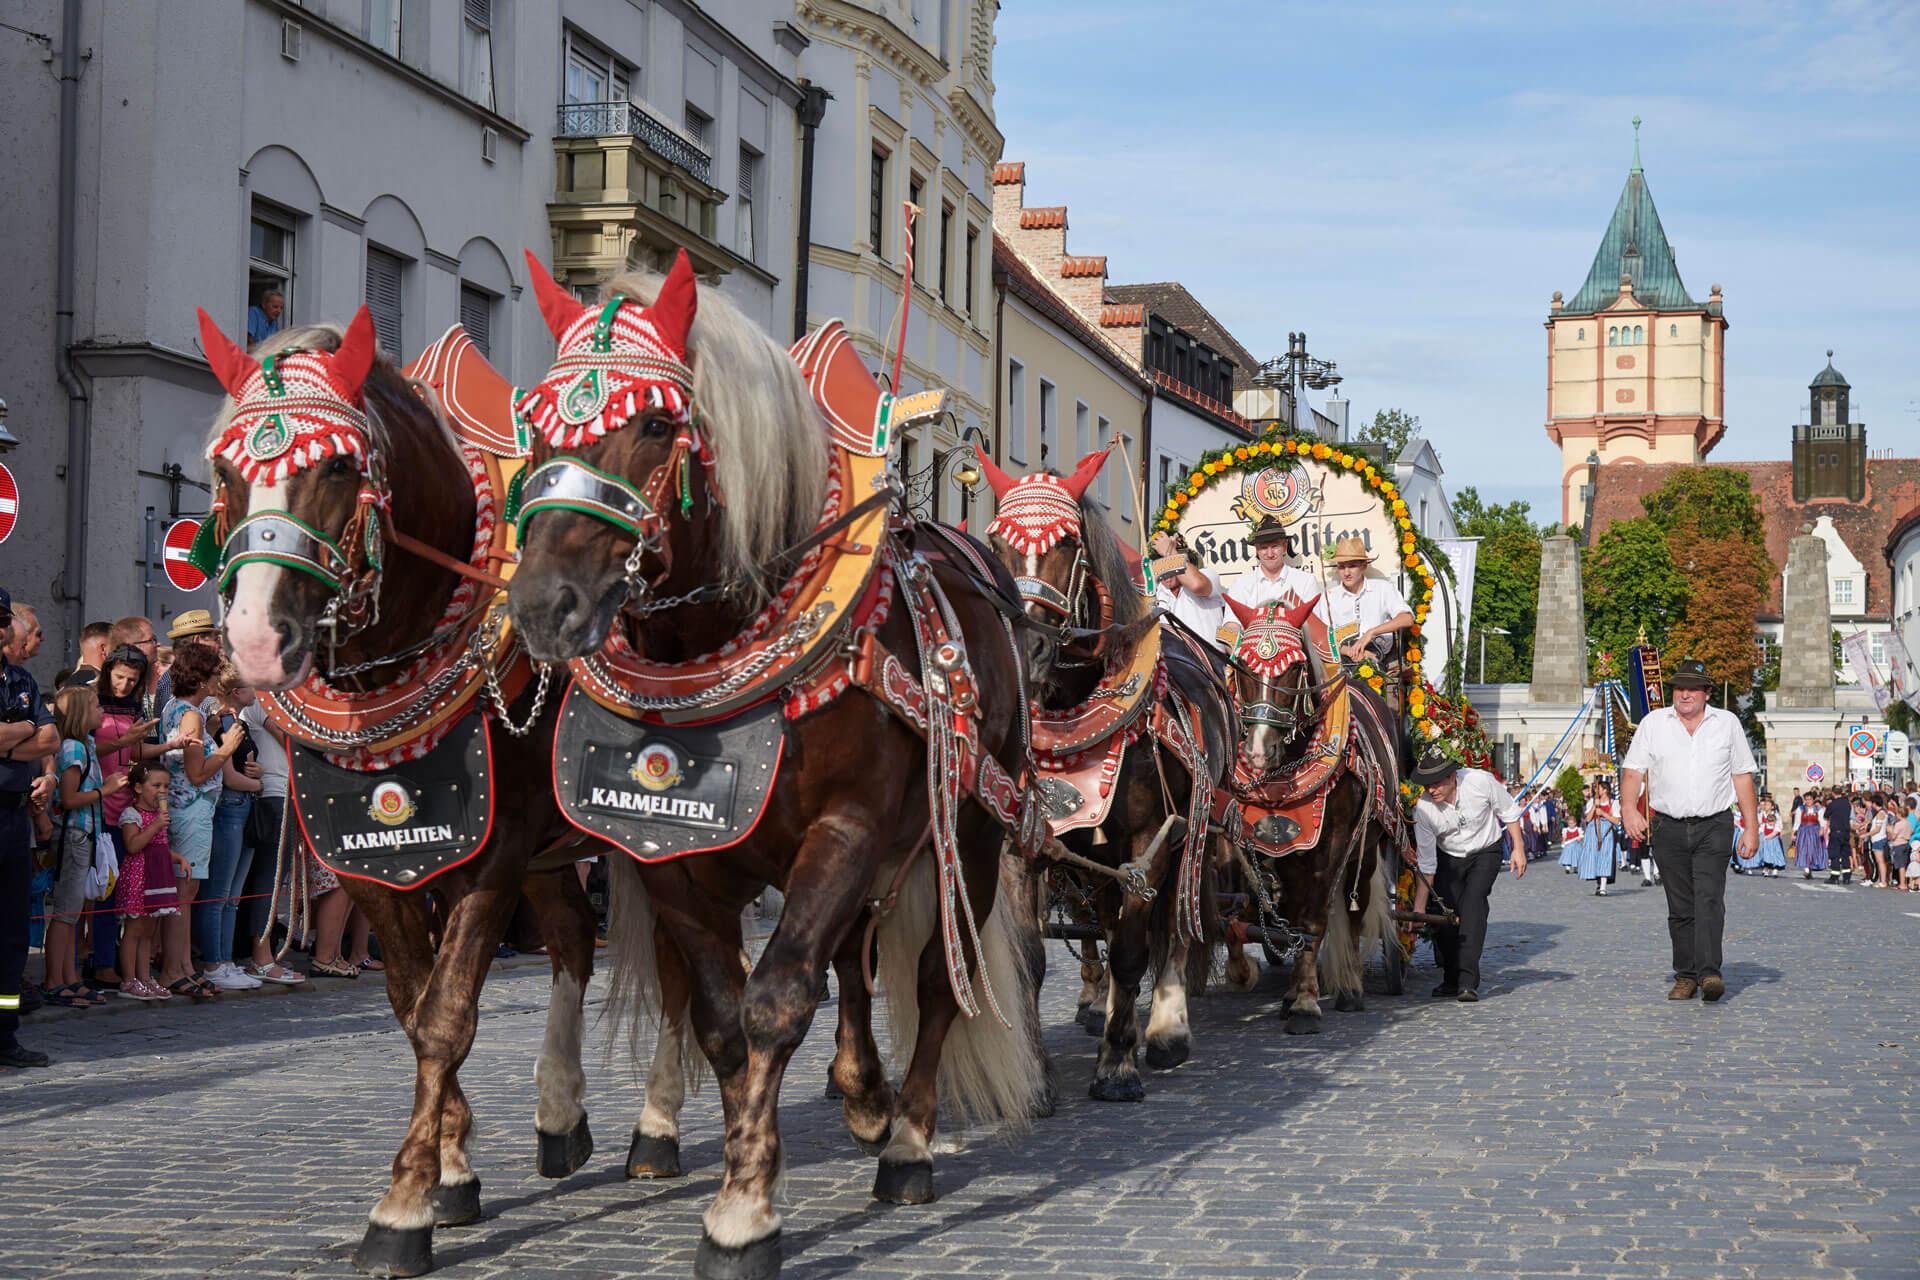 Die Kutsche der Karmeliten Brauer beim Festzug